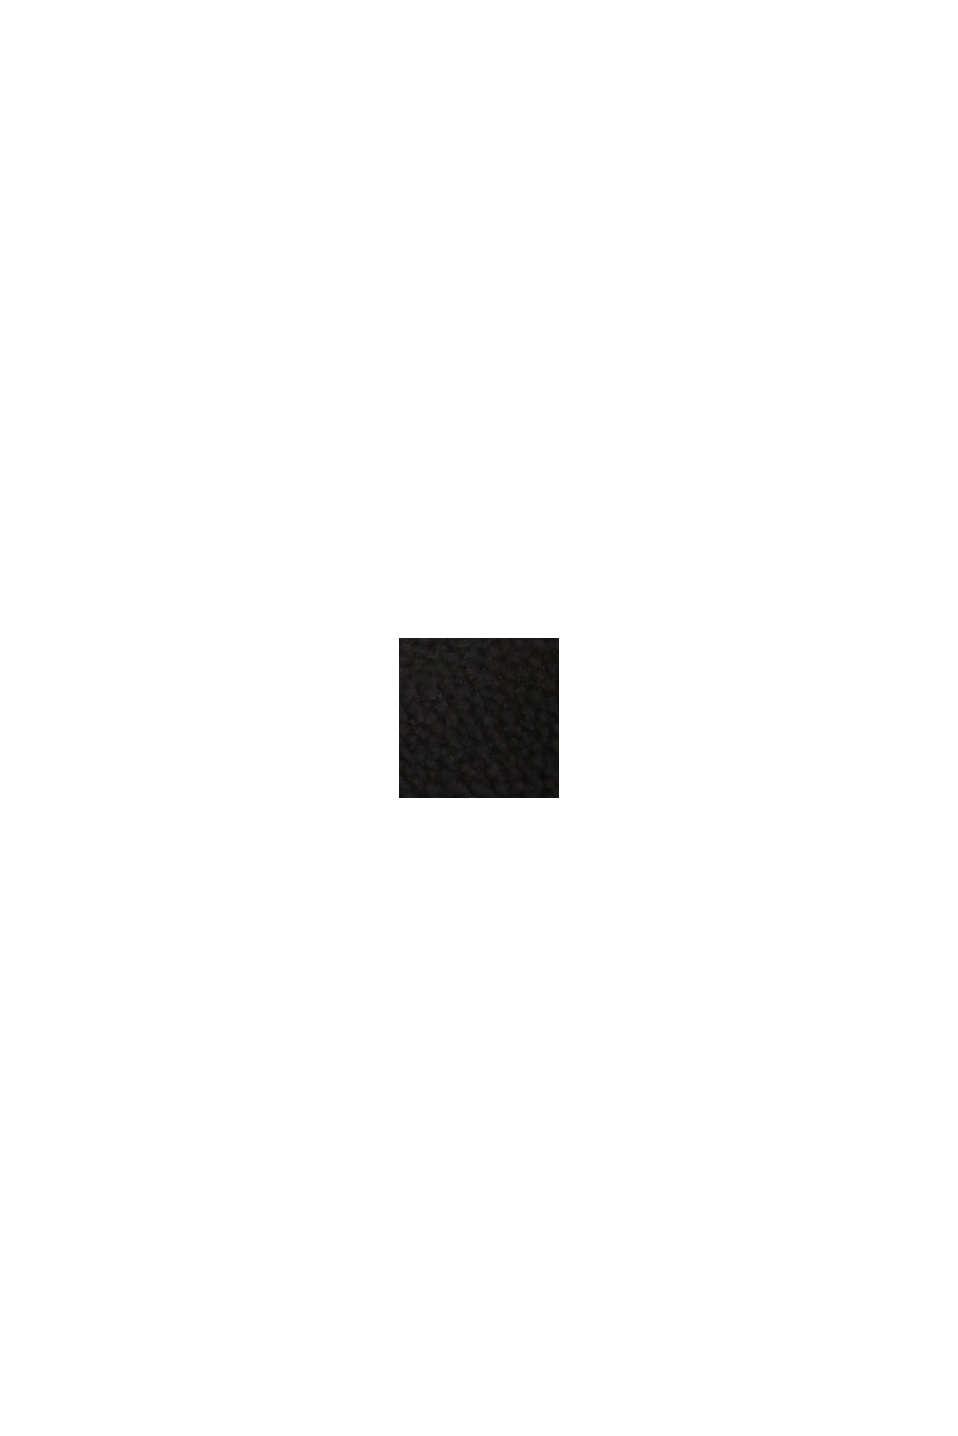 Stiefeletten in Lederoptik, BLACK, swatch